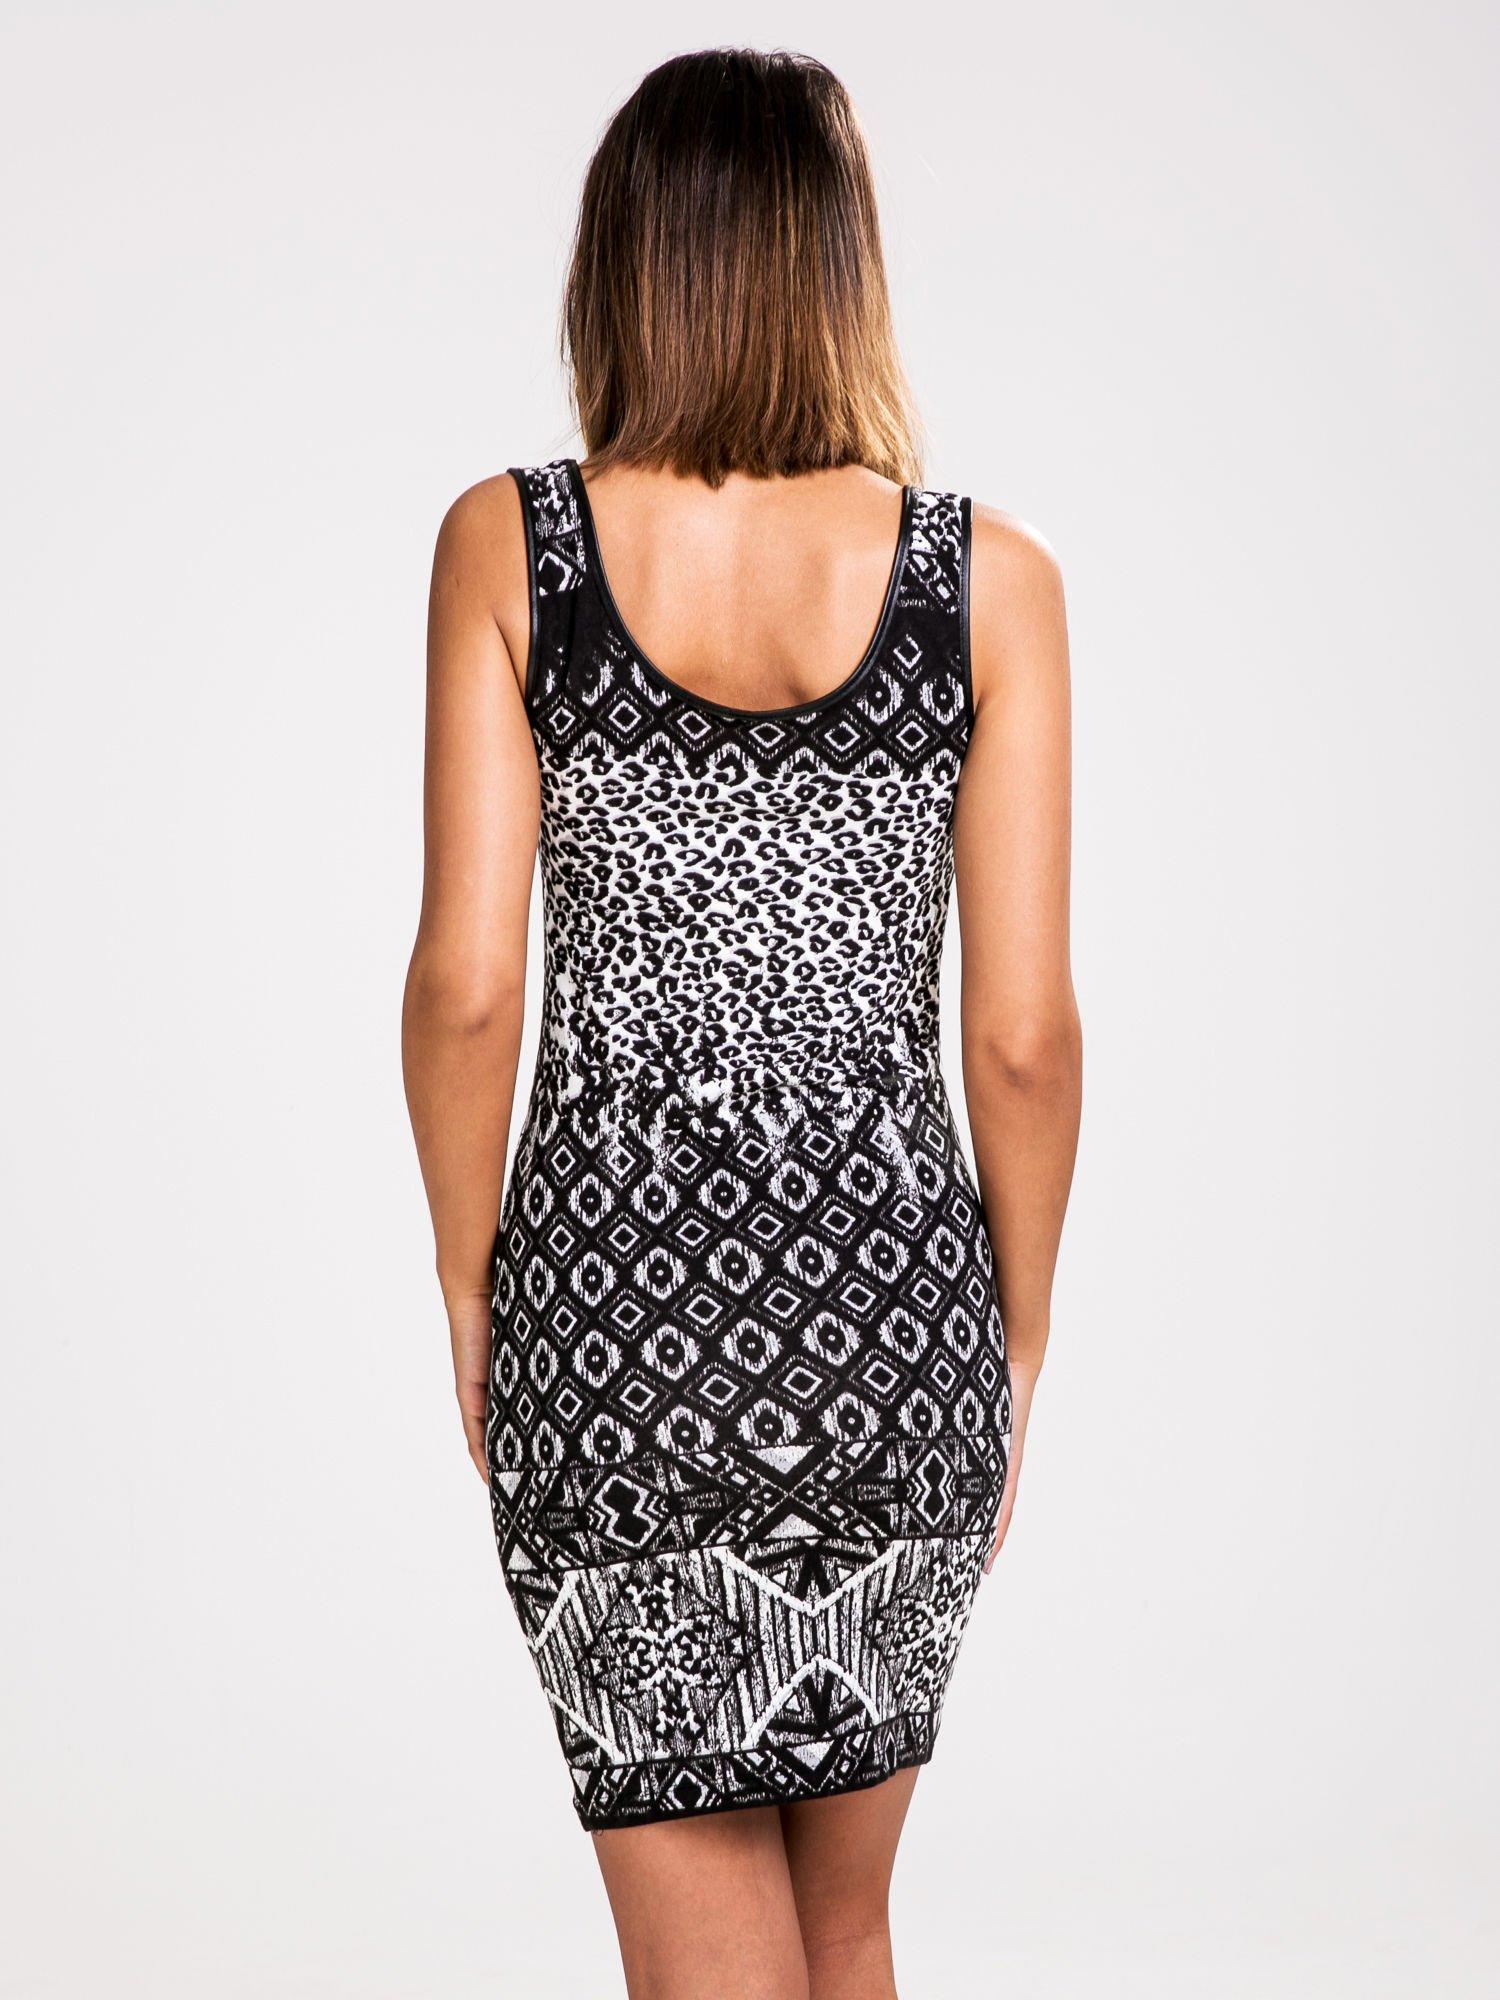 STRADIVARIUS Czarno-biała sukienka z nadrukiem patchworkowym                                  zdj.                                  2